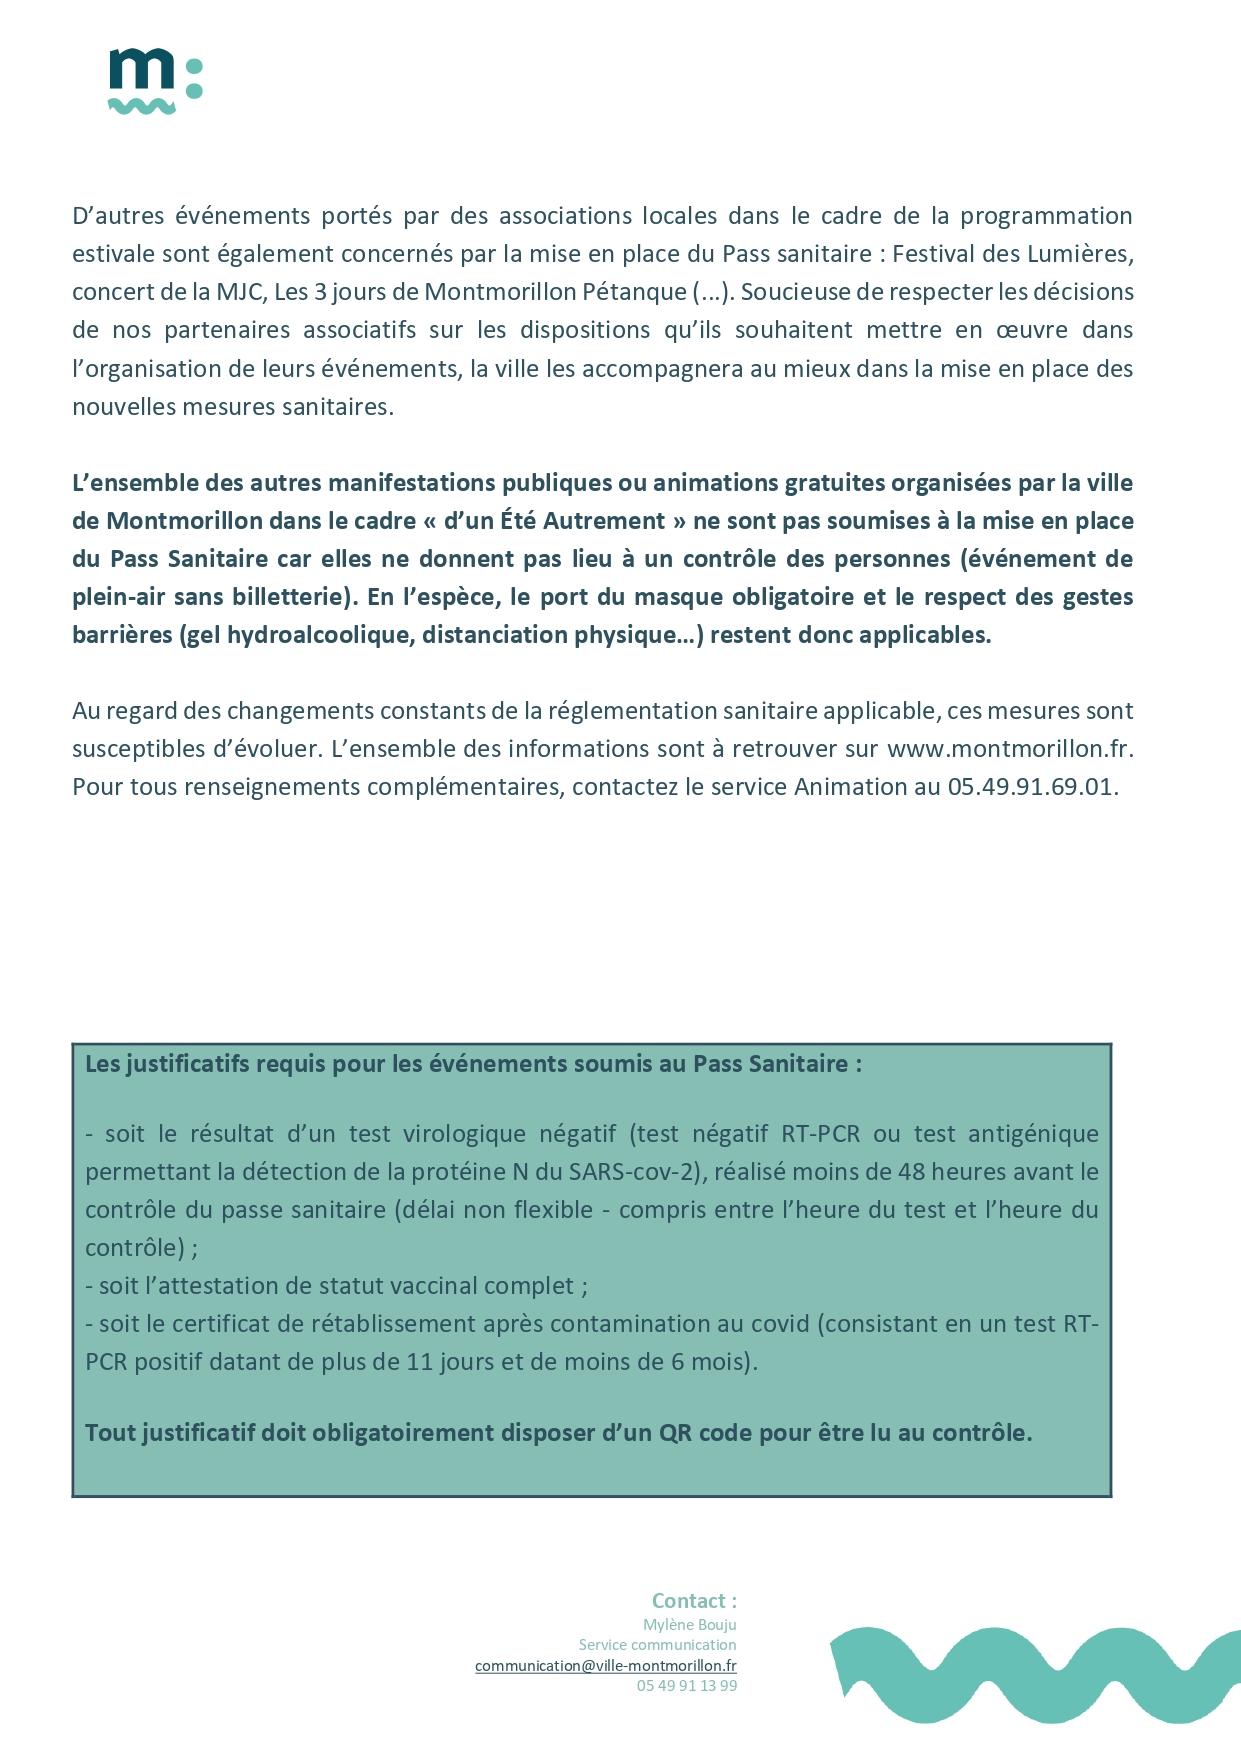 COMMUNIQUE PASS SANITAIRE - VILLE DE MONTMORILLON 12.8_page-0002